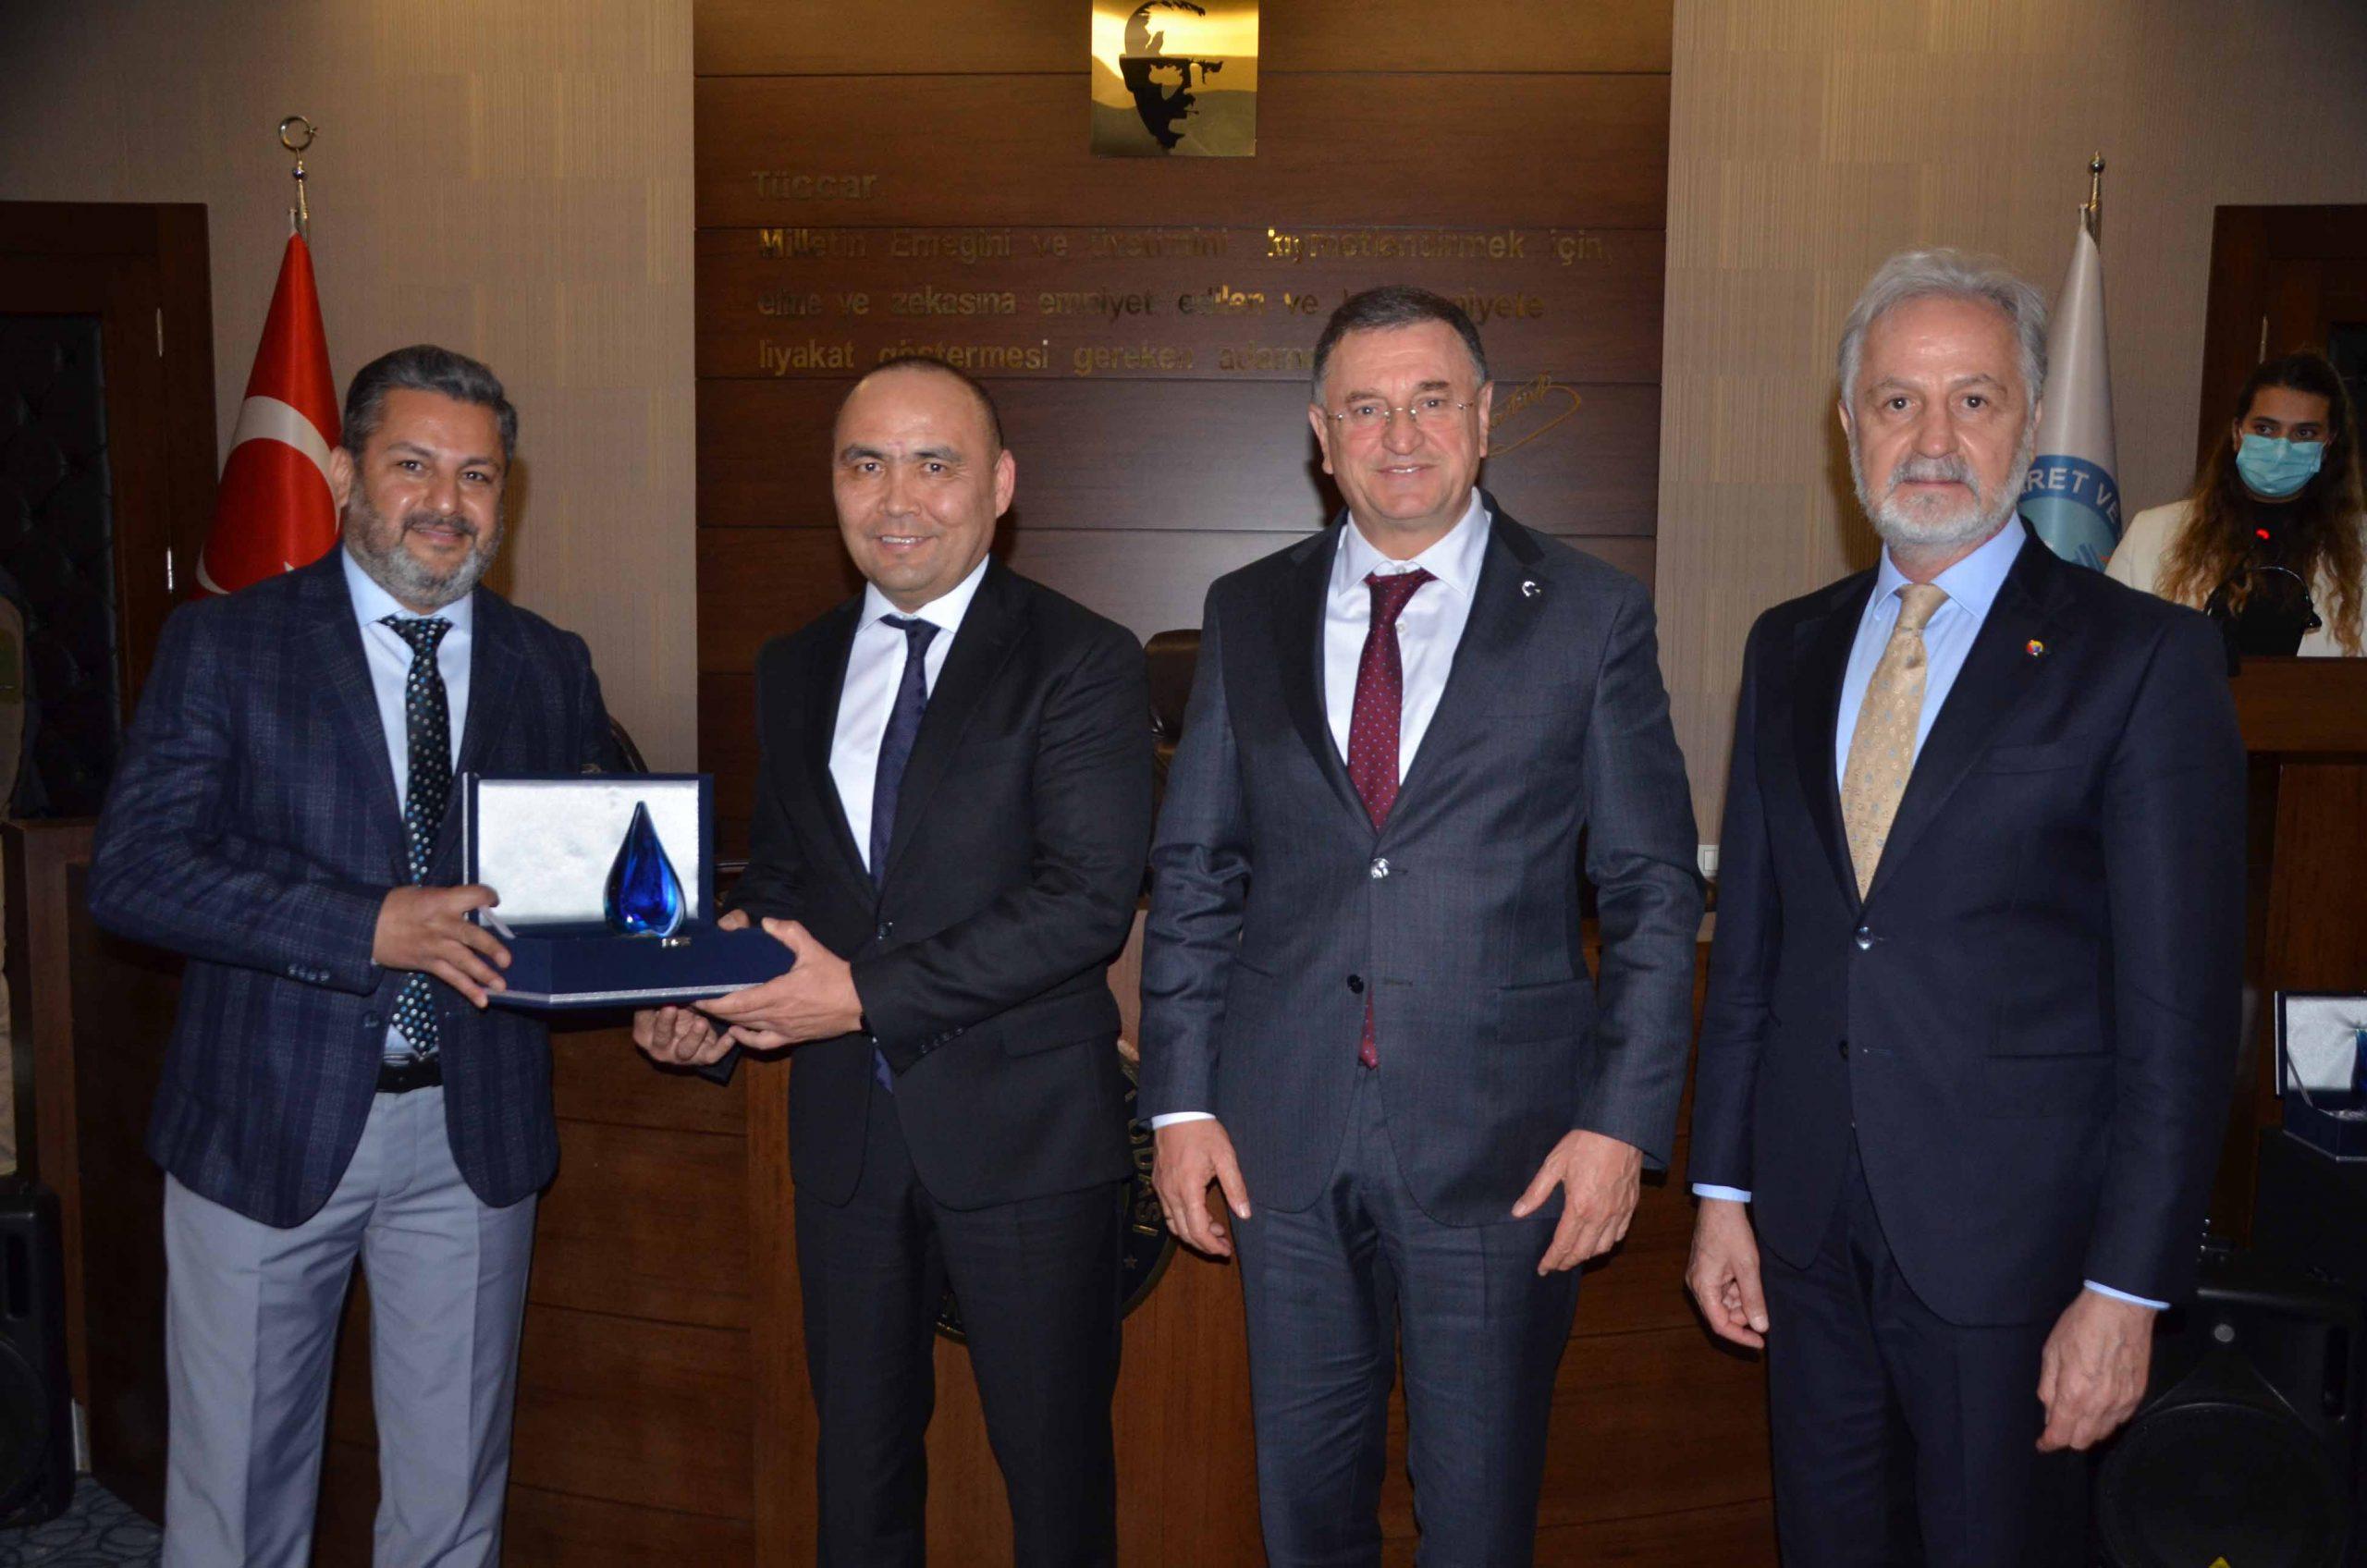 İTSO'da Türki Cumhuriyetlerinin Bağımsızlığının 30. Yıl Dönümü Etkinlikleri Kapsamında, İş Dünyası İle İstişare Toplantısı Düzenlendi